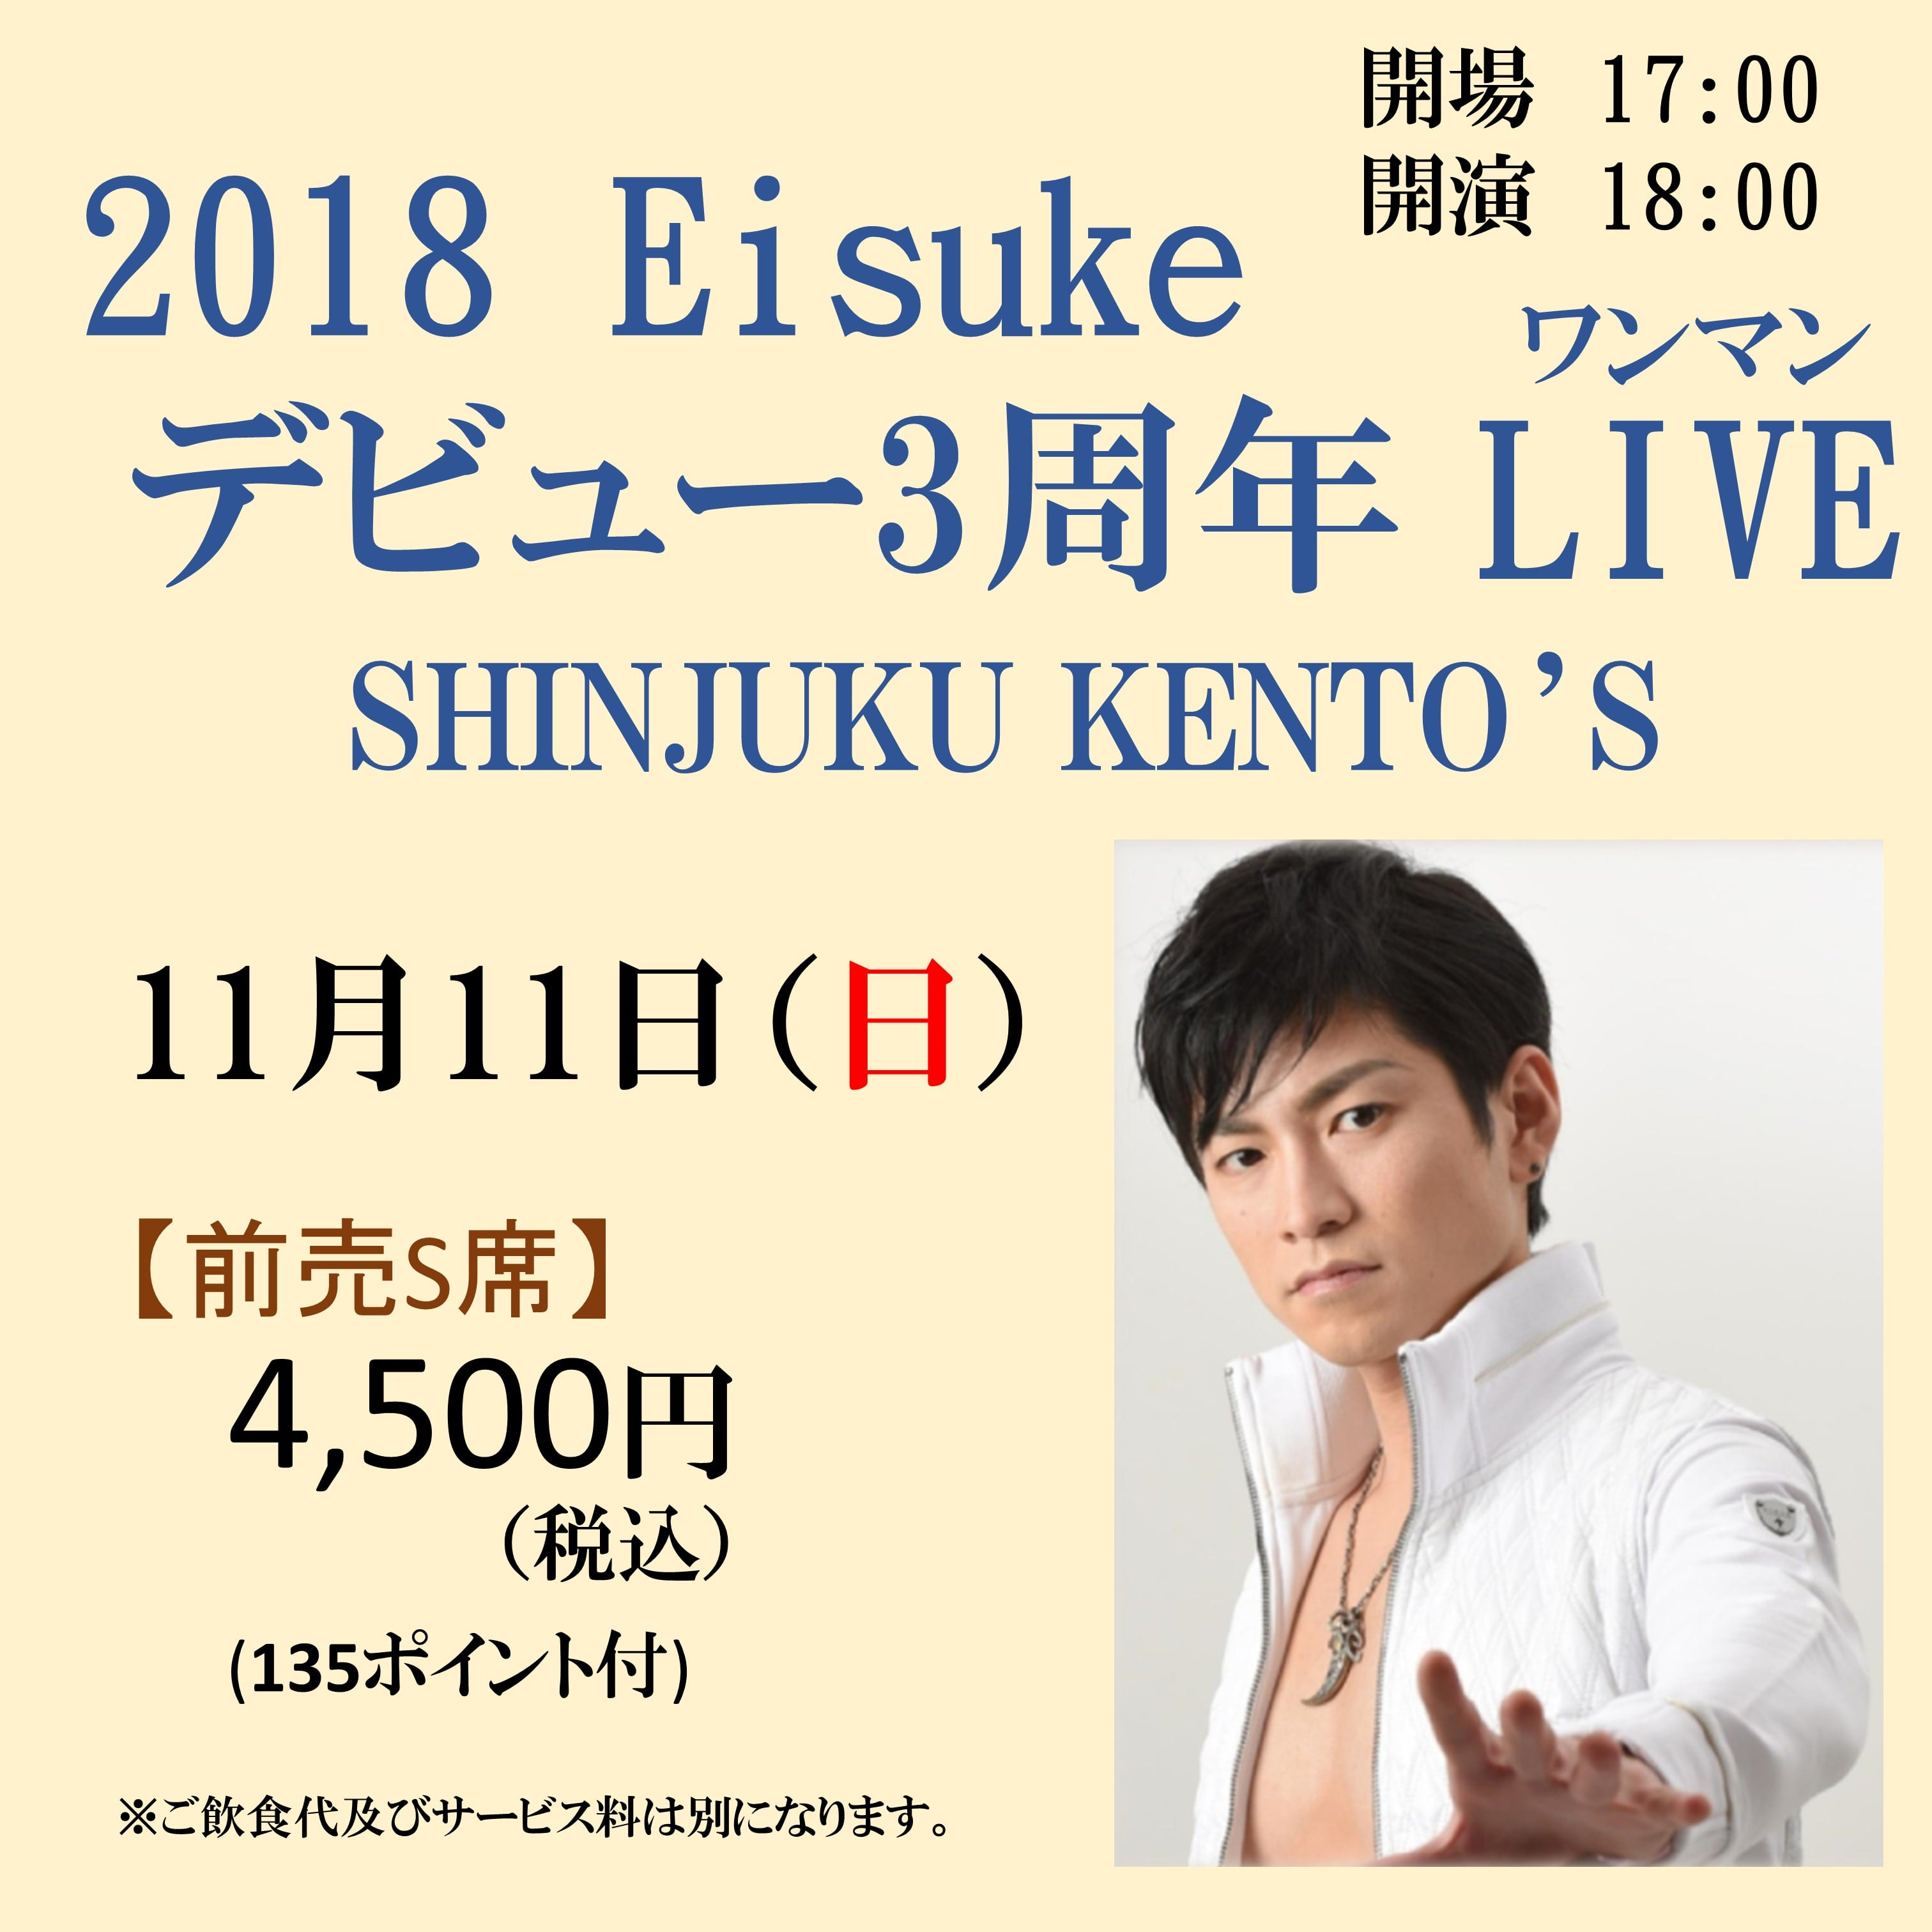 【11月11日・新宿・前売S席】2018 Eisuke デビュー3周年 ワンマンライブチケットのイメージその1